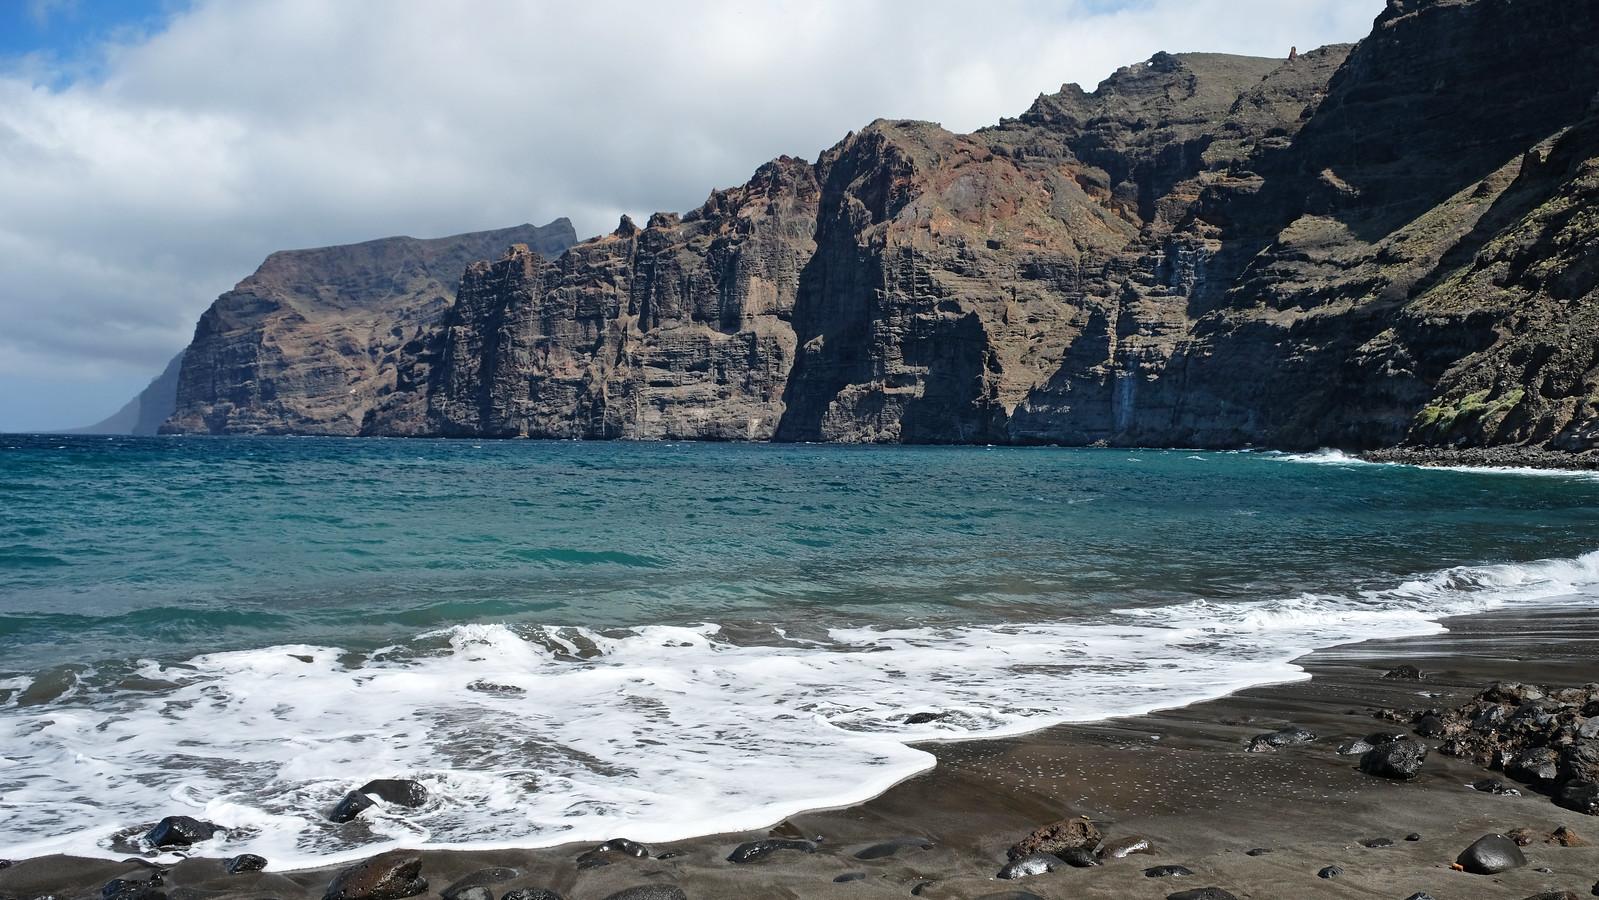 Playa de los Guíos, Los Gigantes, Tenerife, Canary Islands, Spain